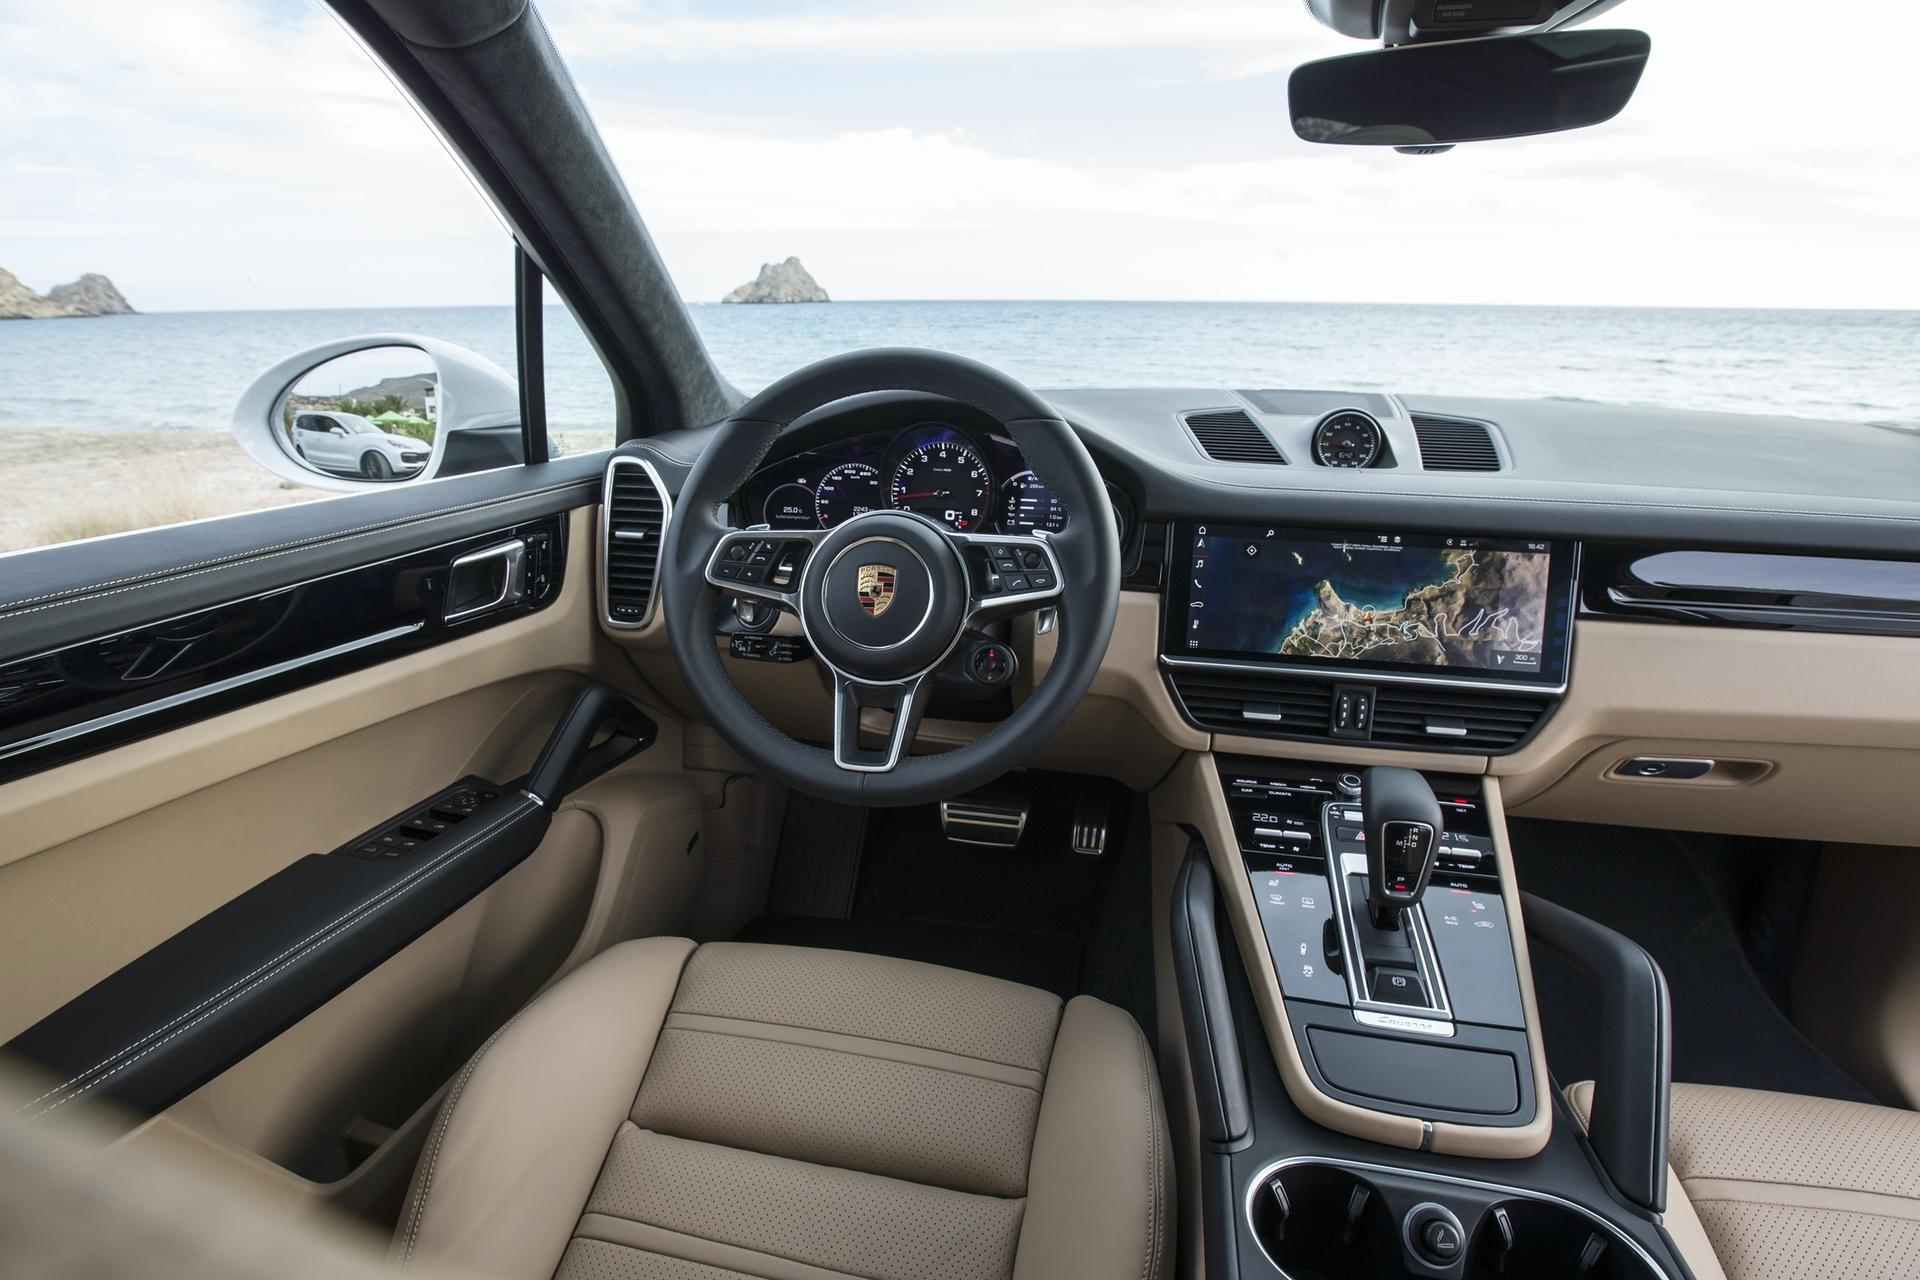 Test_Drive_Porsche_Cayenne_222